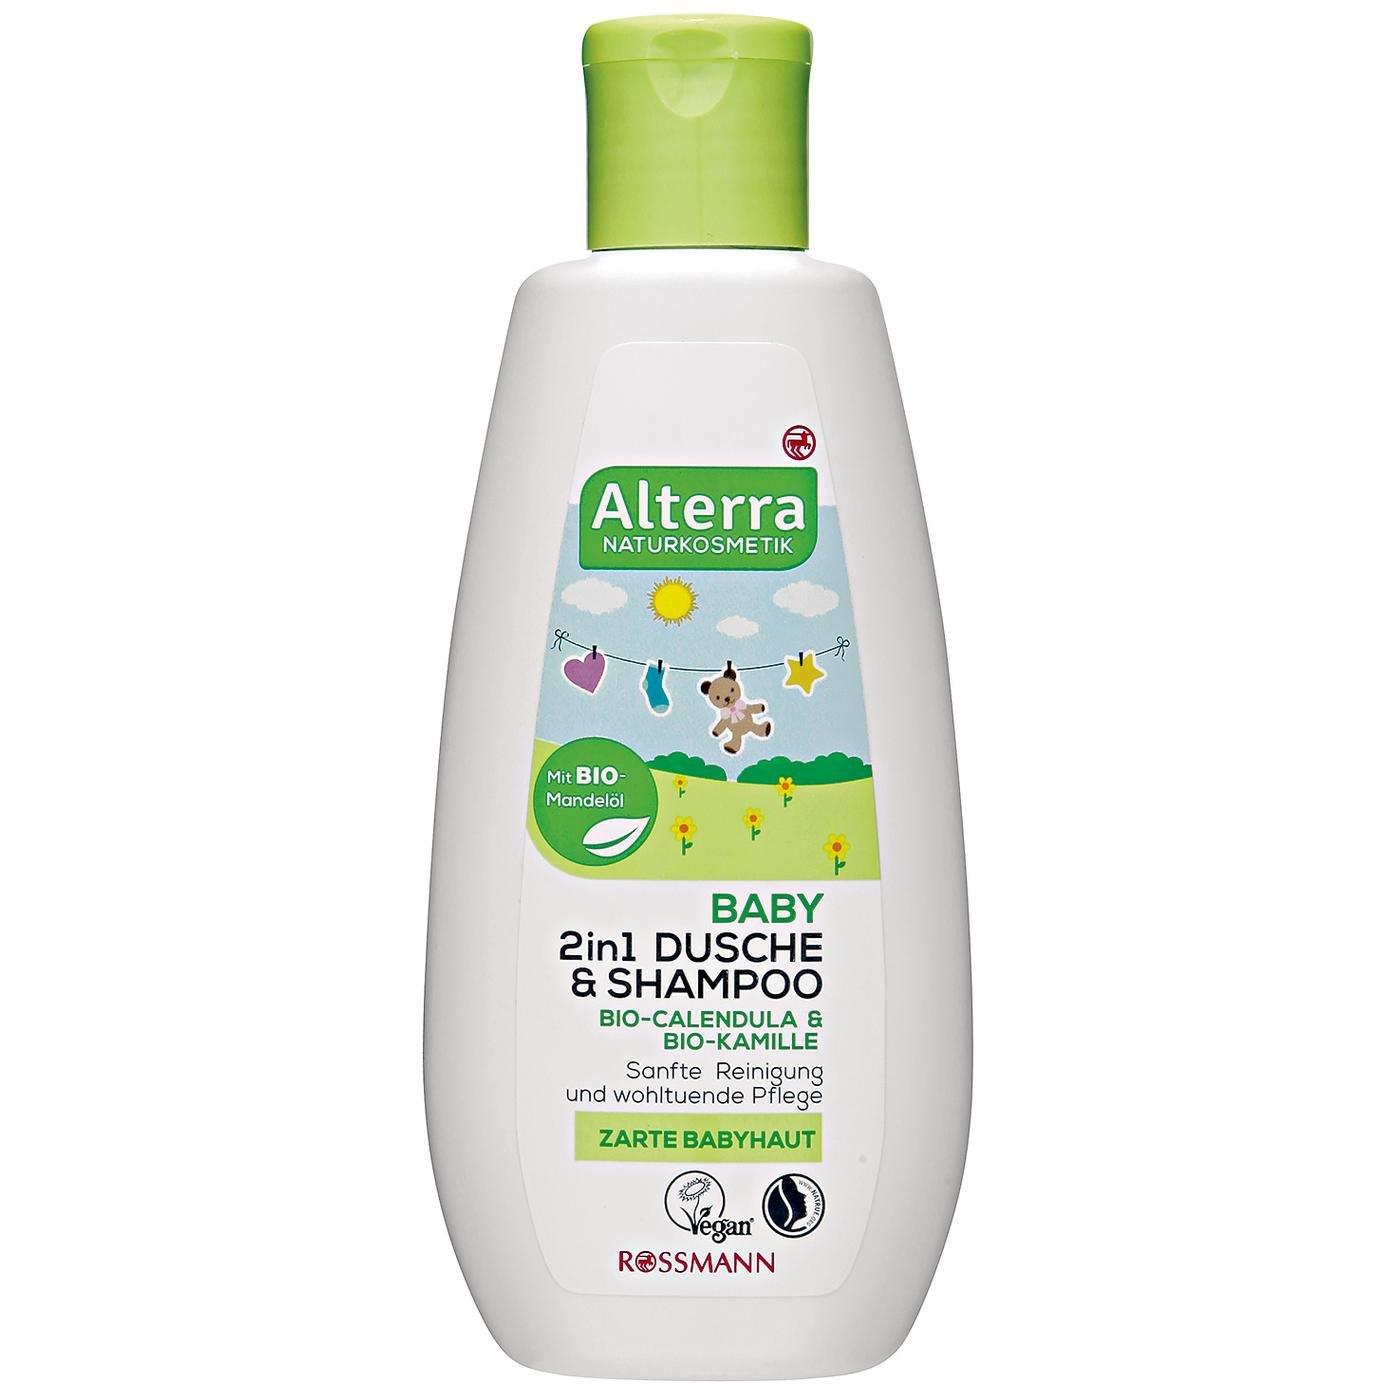 Alterra Baby 2in1 Dusche & Shampoo 200 ml für zarte Babyhaut, mit Bio-Calendula, Bio-Kamille & Bio-Mandelöl, sanfte Reinigung & wohltuende Pflege, zertifierte Naturkosmetik, vegan